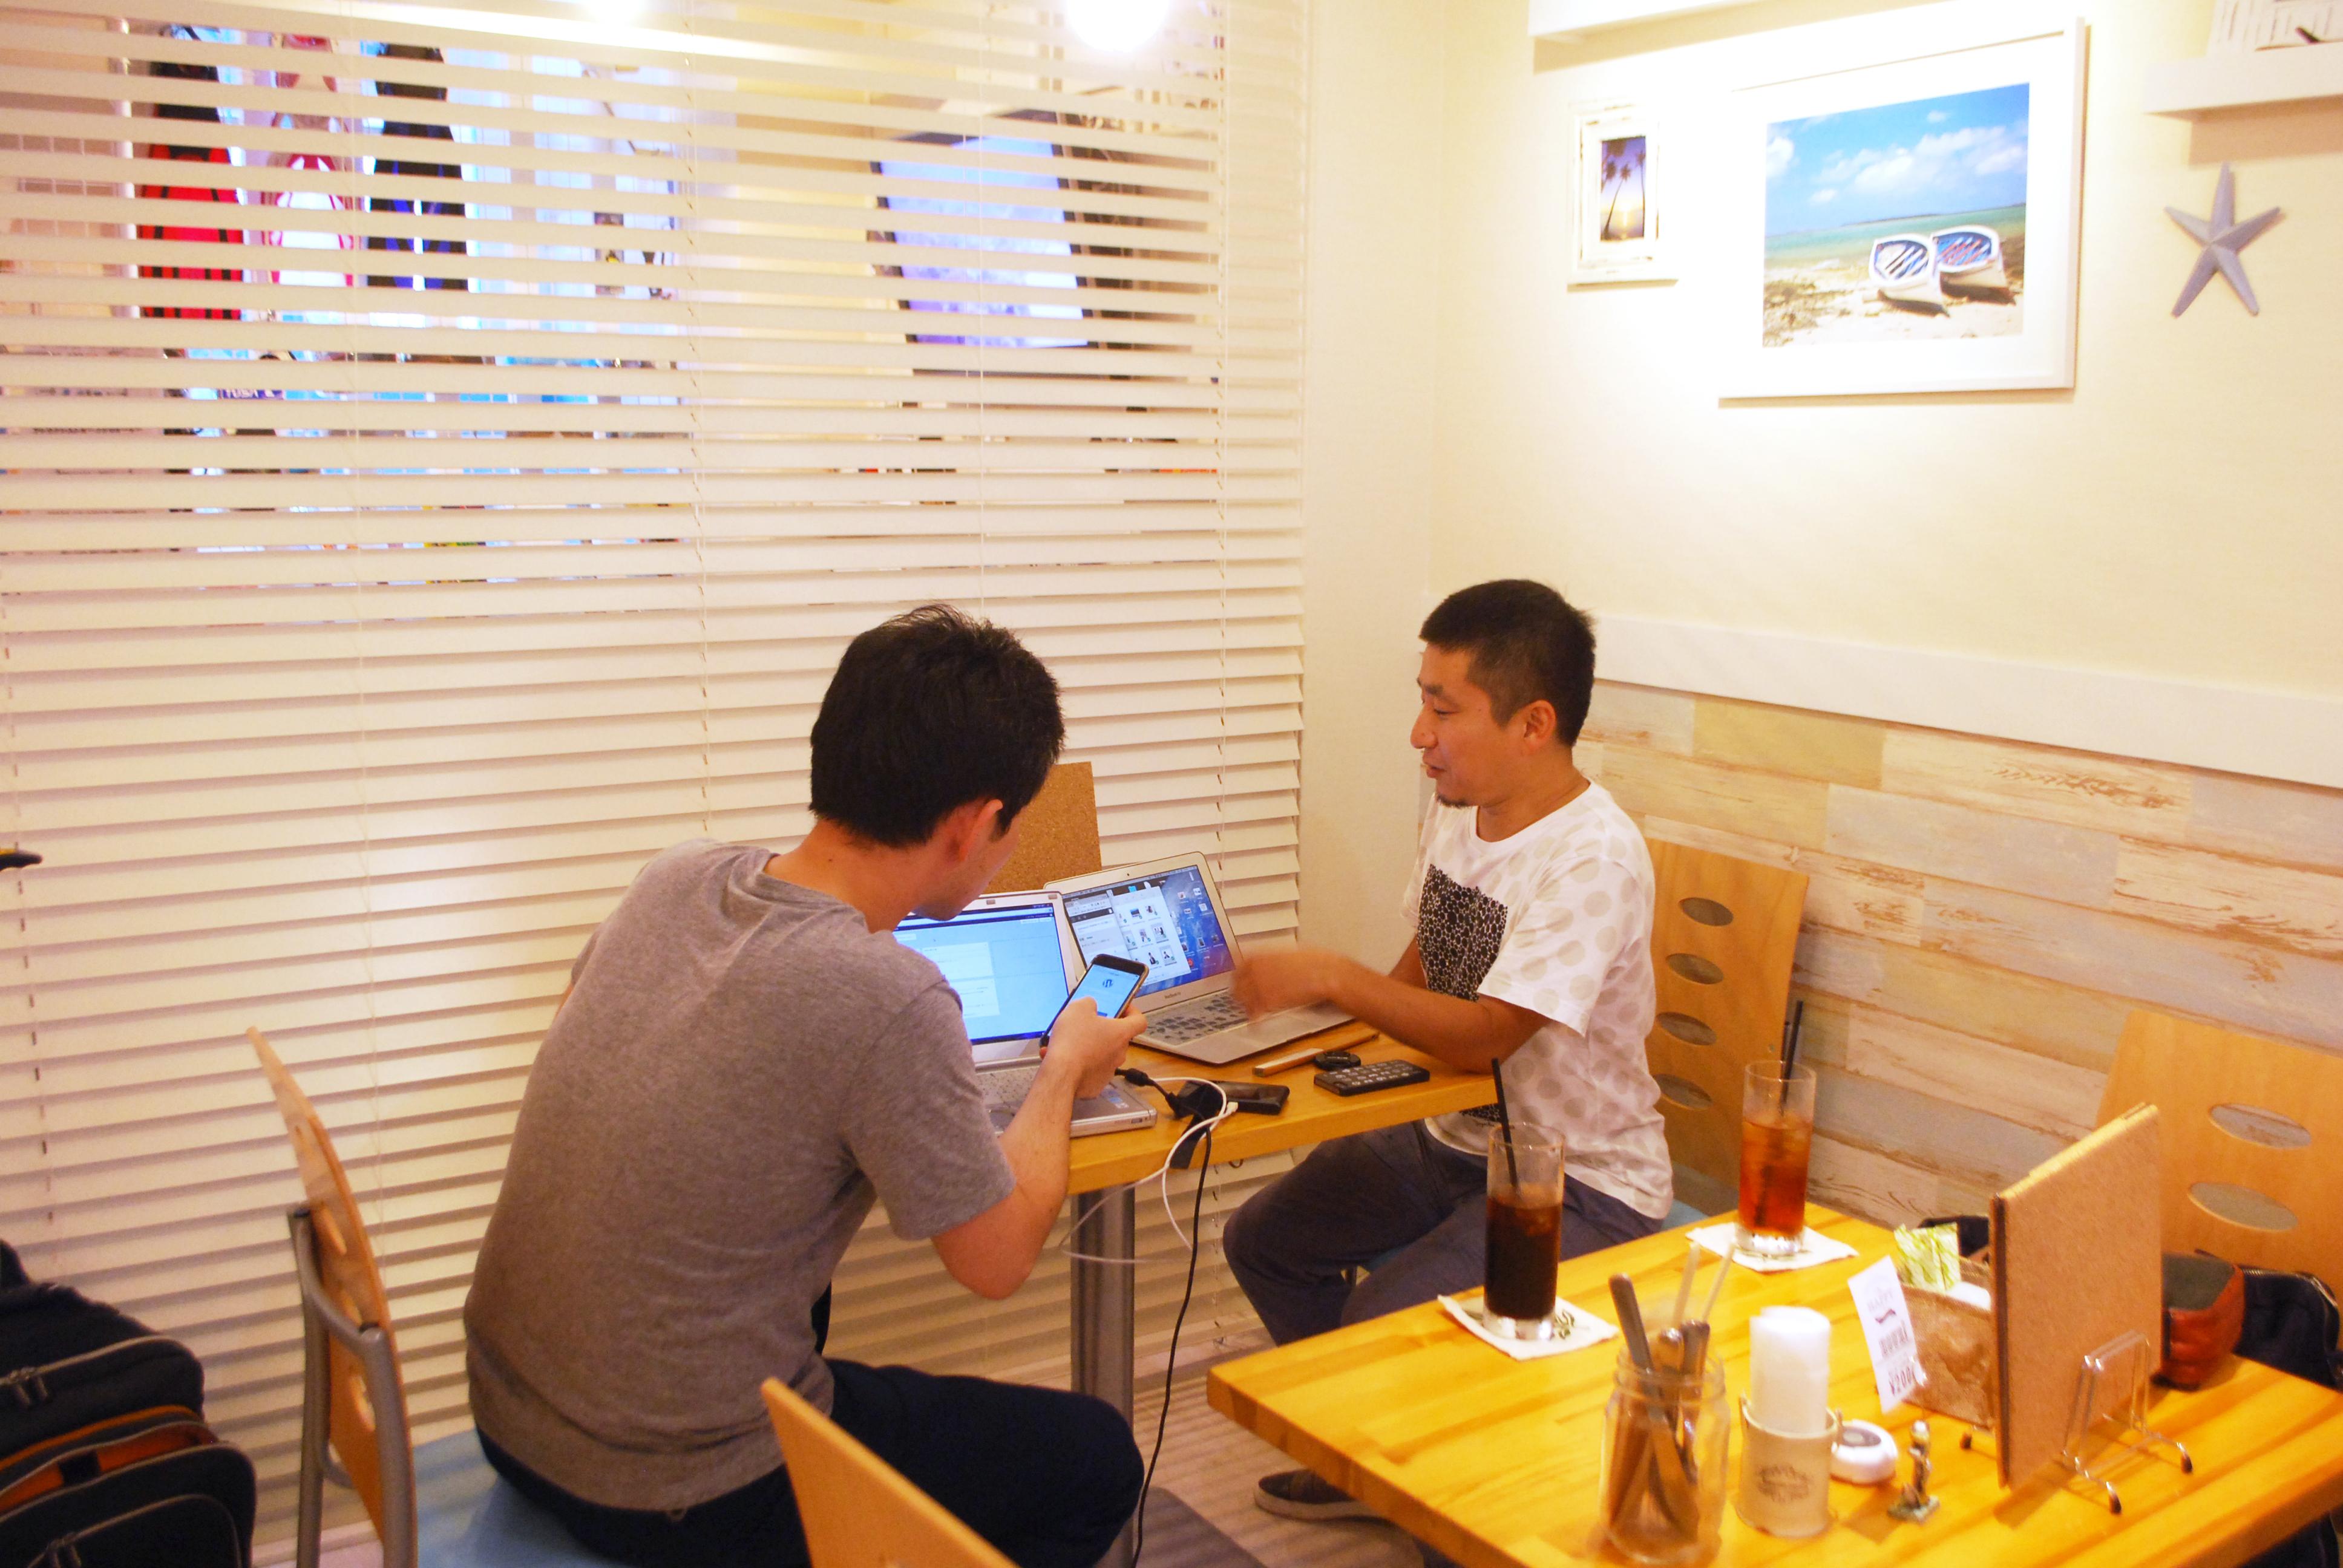 大阪でWebコンサルティングを探すときに役立つエントリー